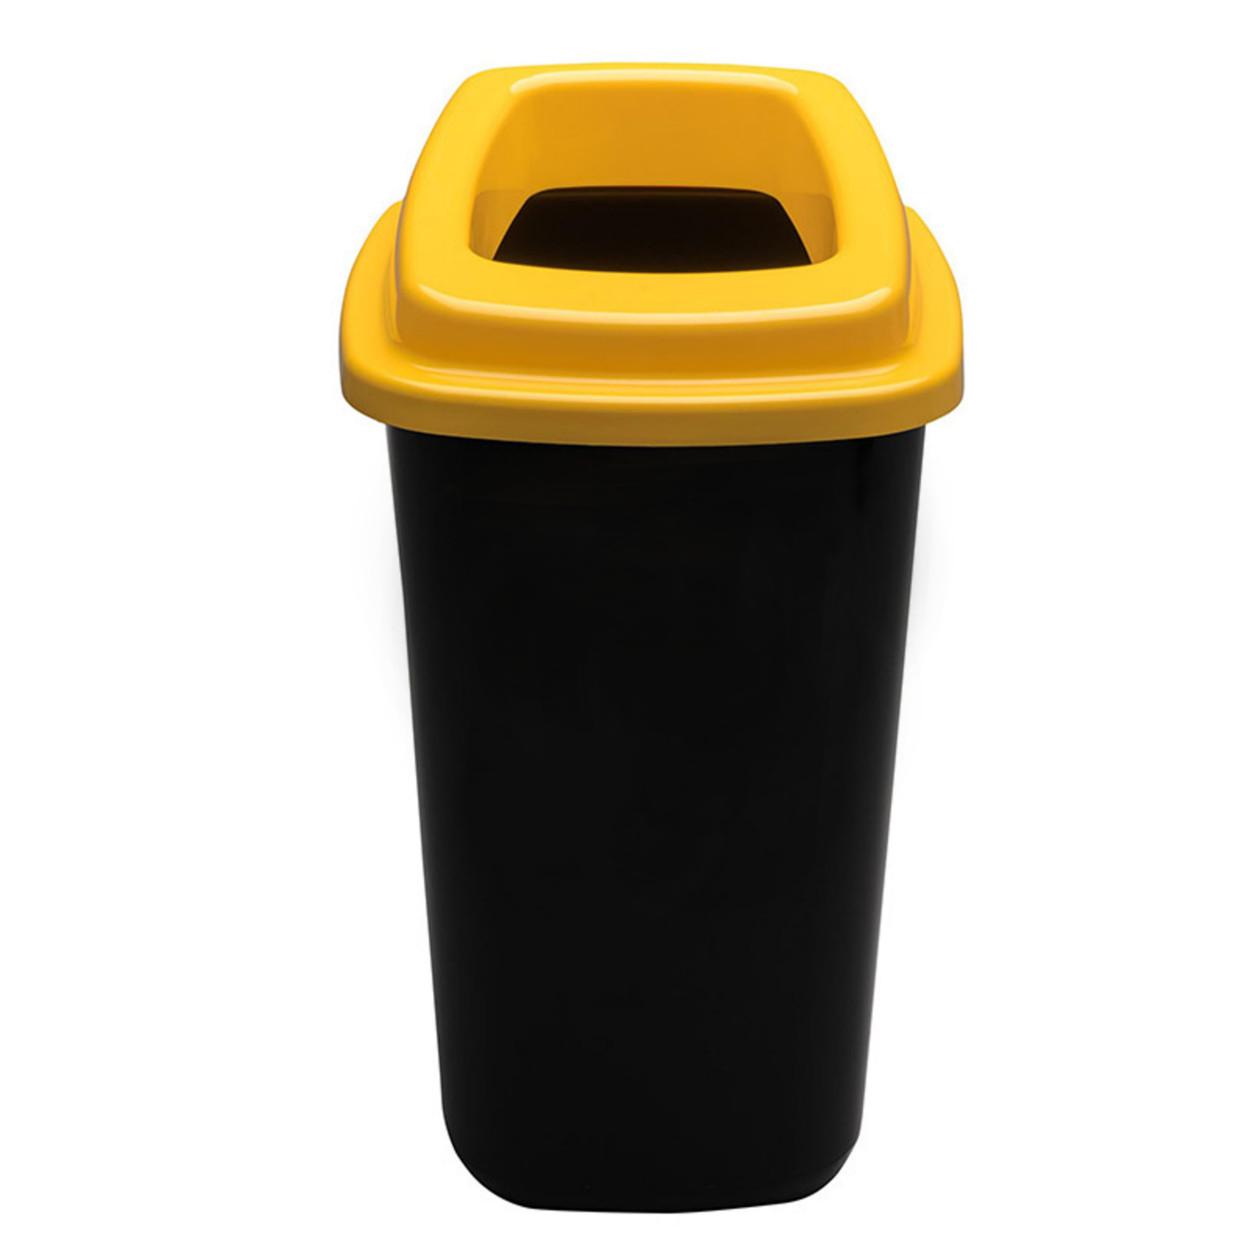 Plastikowy kosz do segregacji śmieci, 45 l, żółty